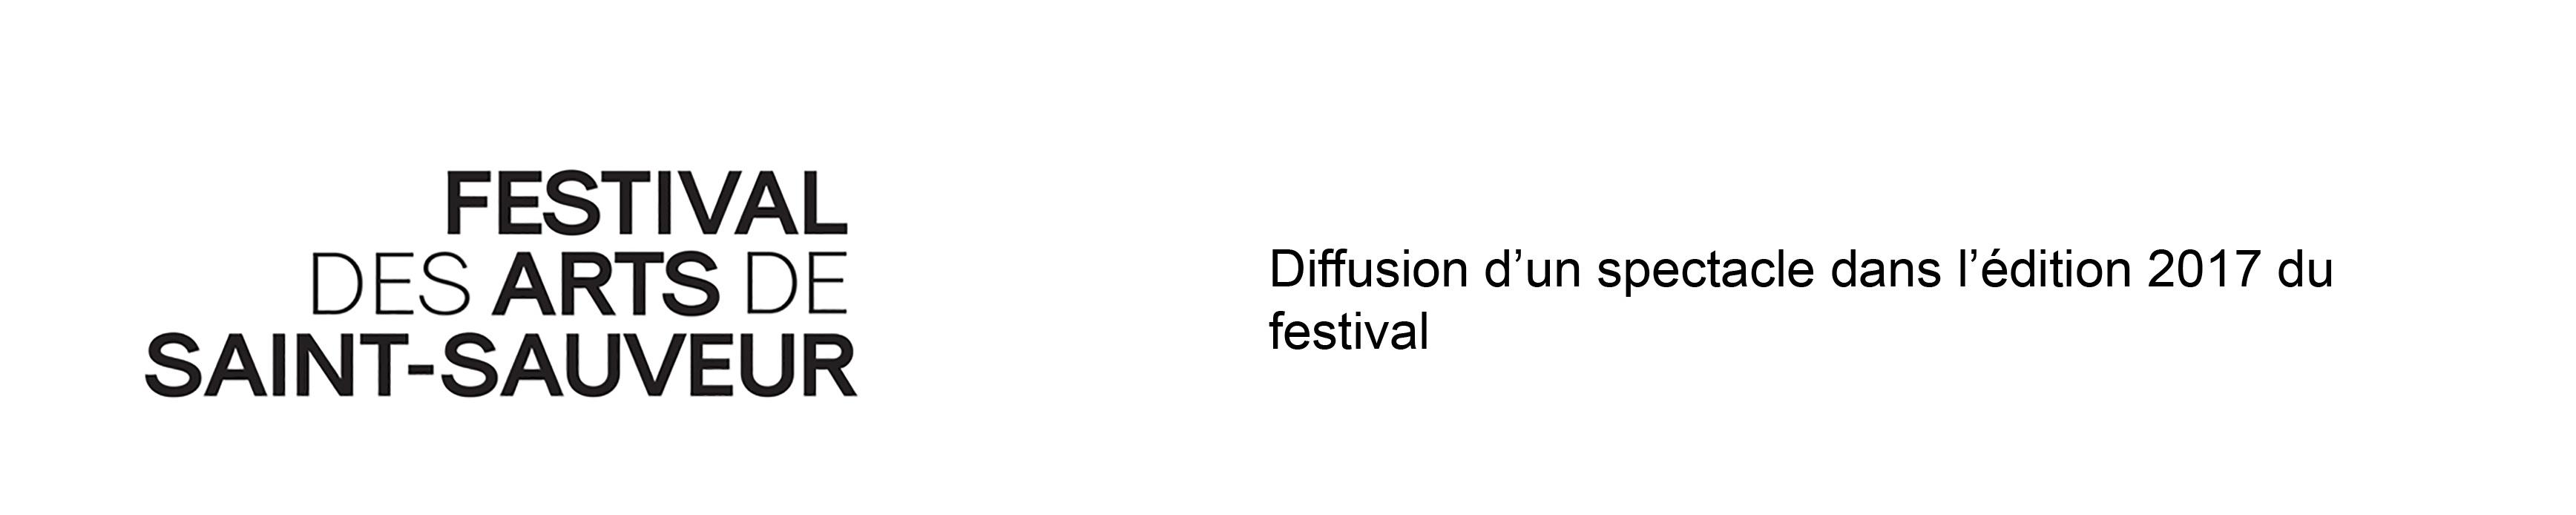 CDP_site_FestivalSaintSauveur